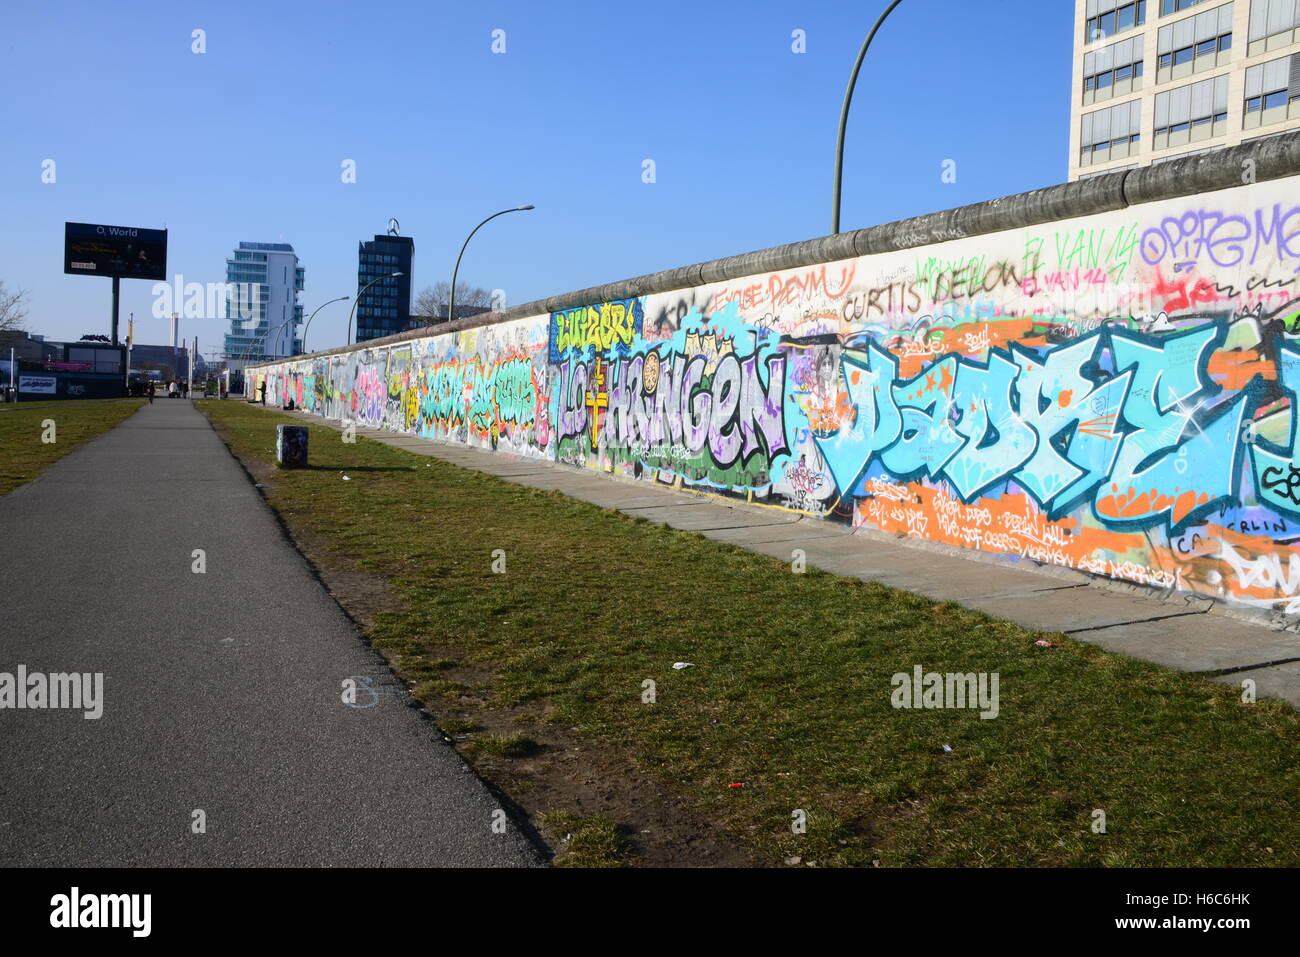 Teil der Berliner Mauer, mit politischen und anderen Graffitis und Illustrationen Stockbild